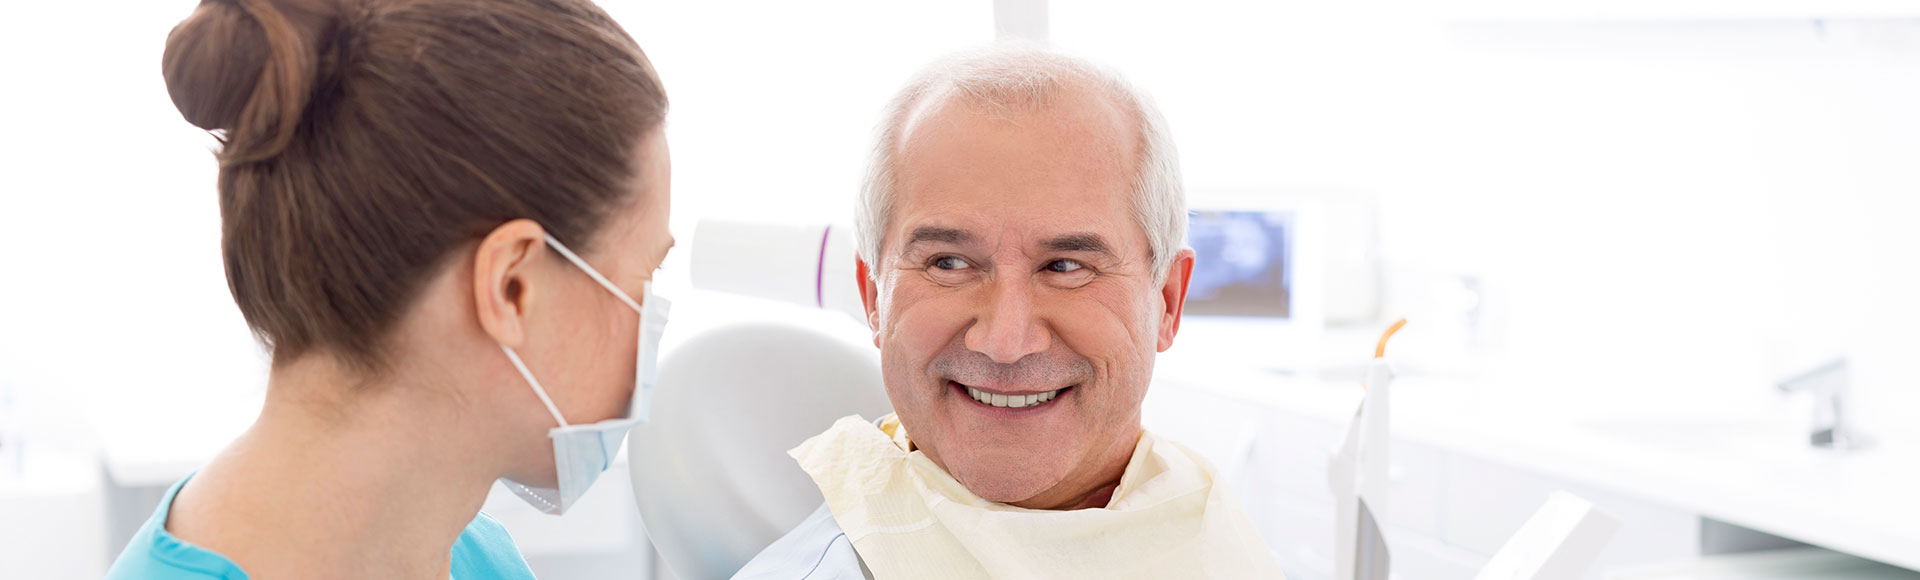 Older man smiling at hygentist